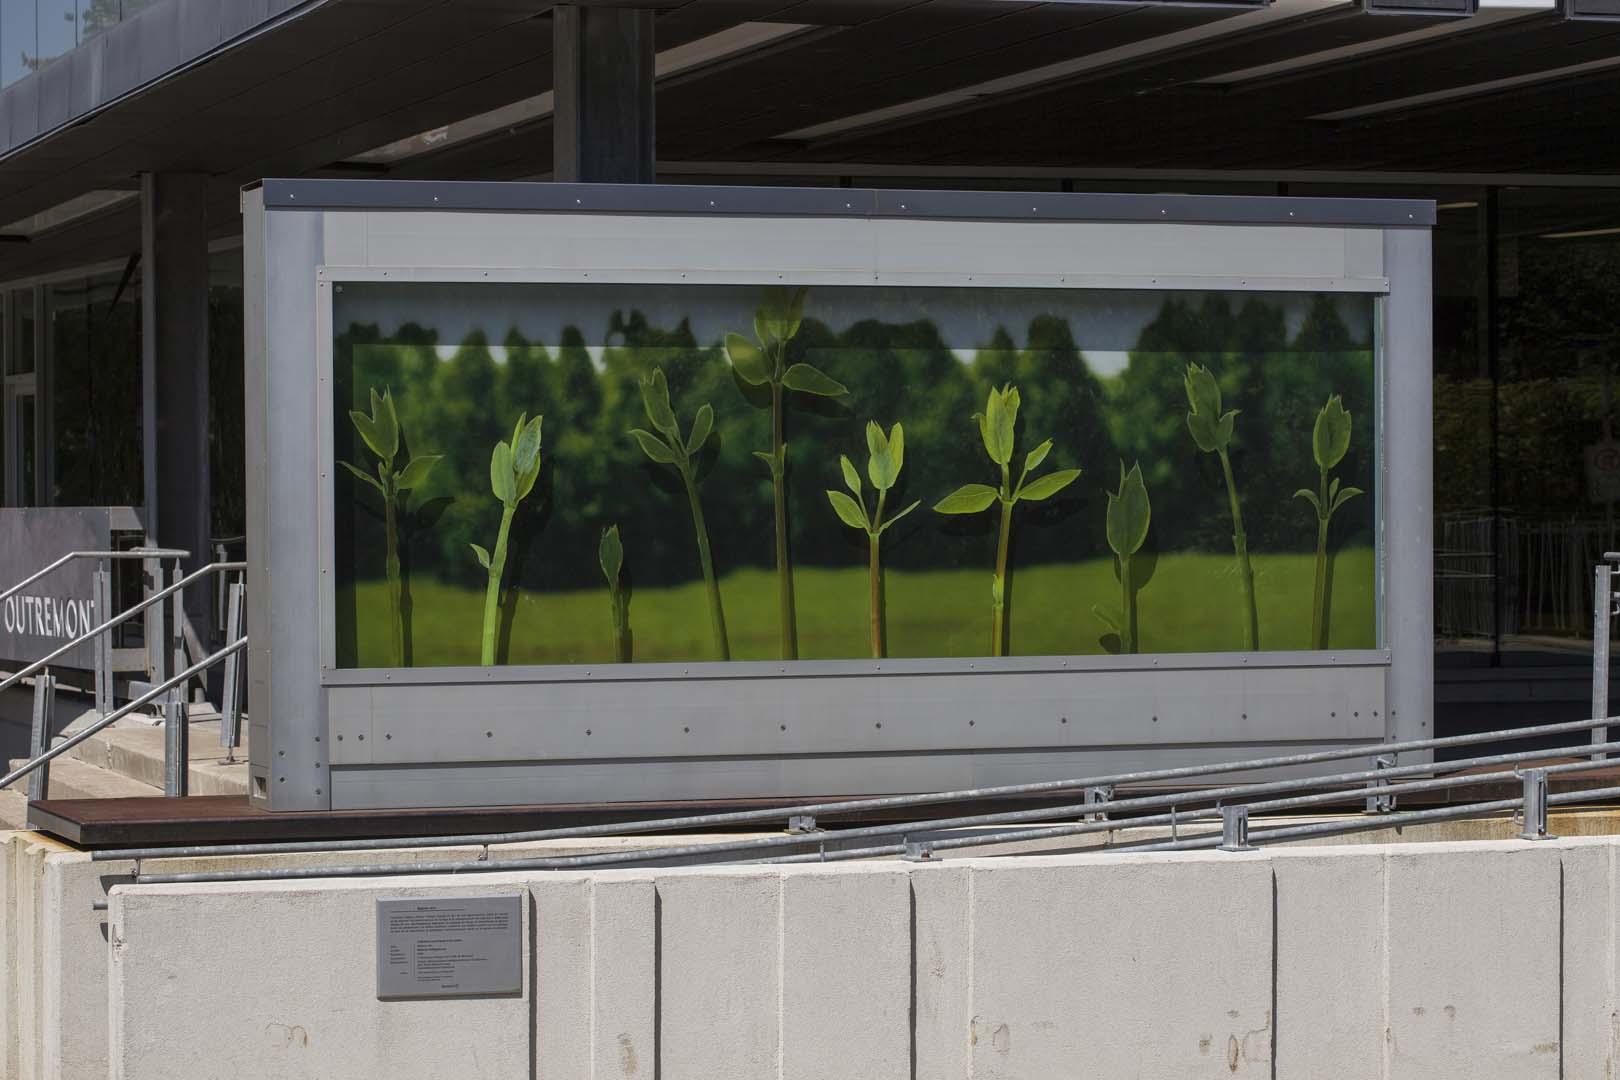 Espace vert art public montr al for Cat espace vert